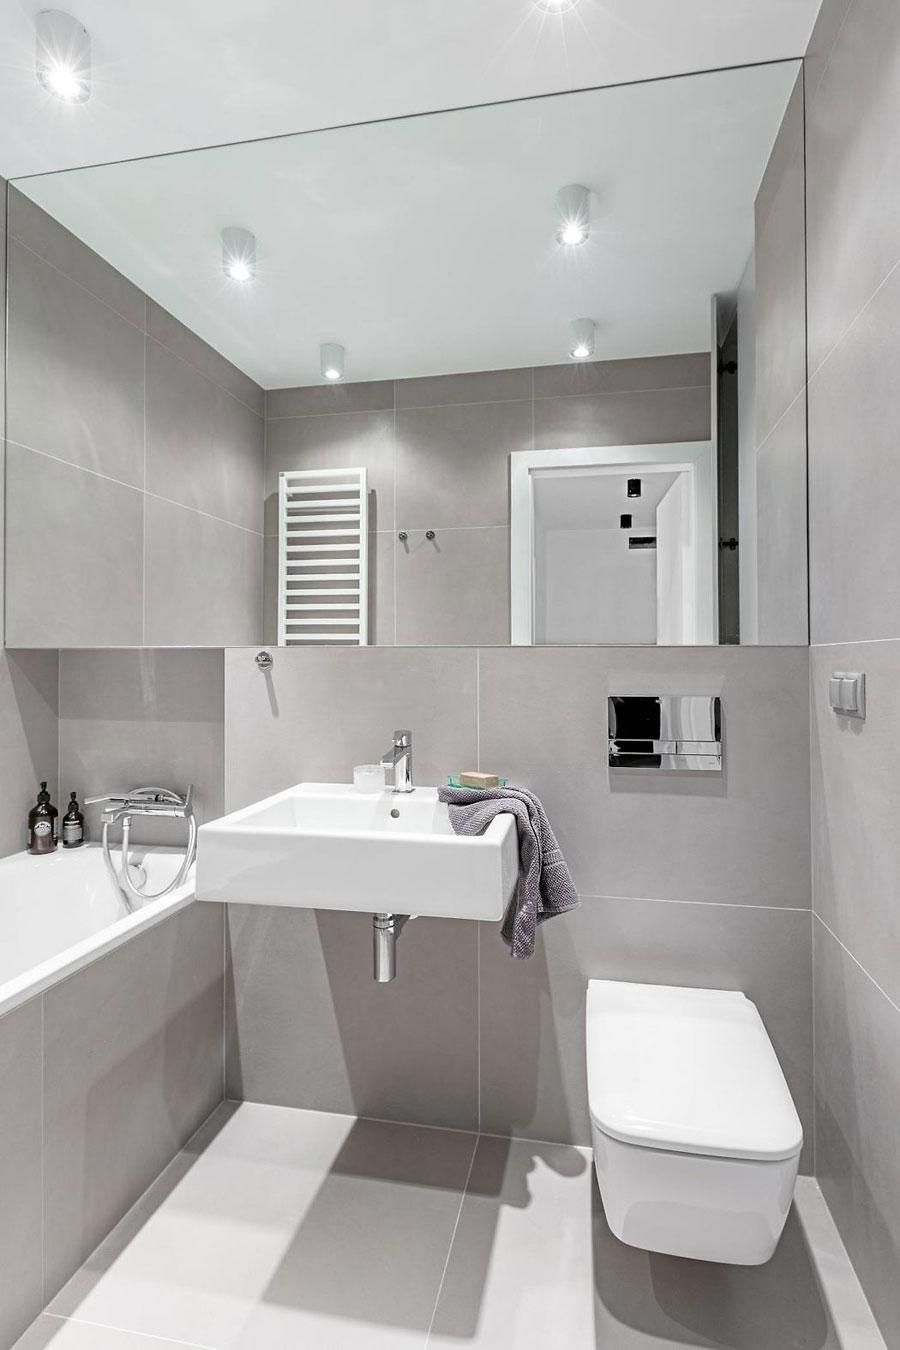 Kleine moderne badkamer van 2,5m2